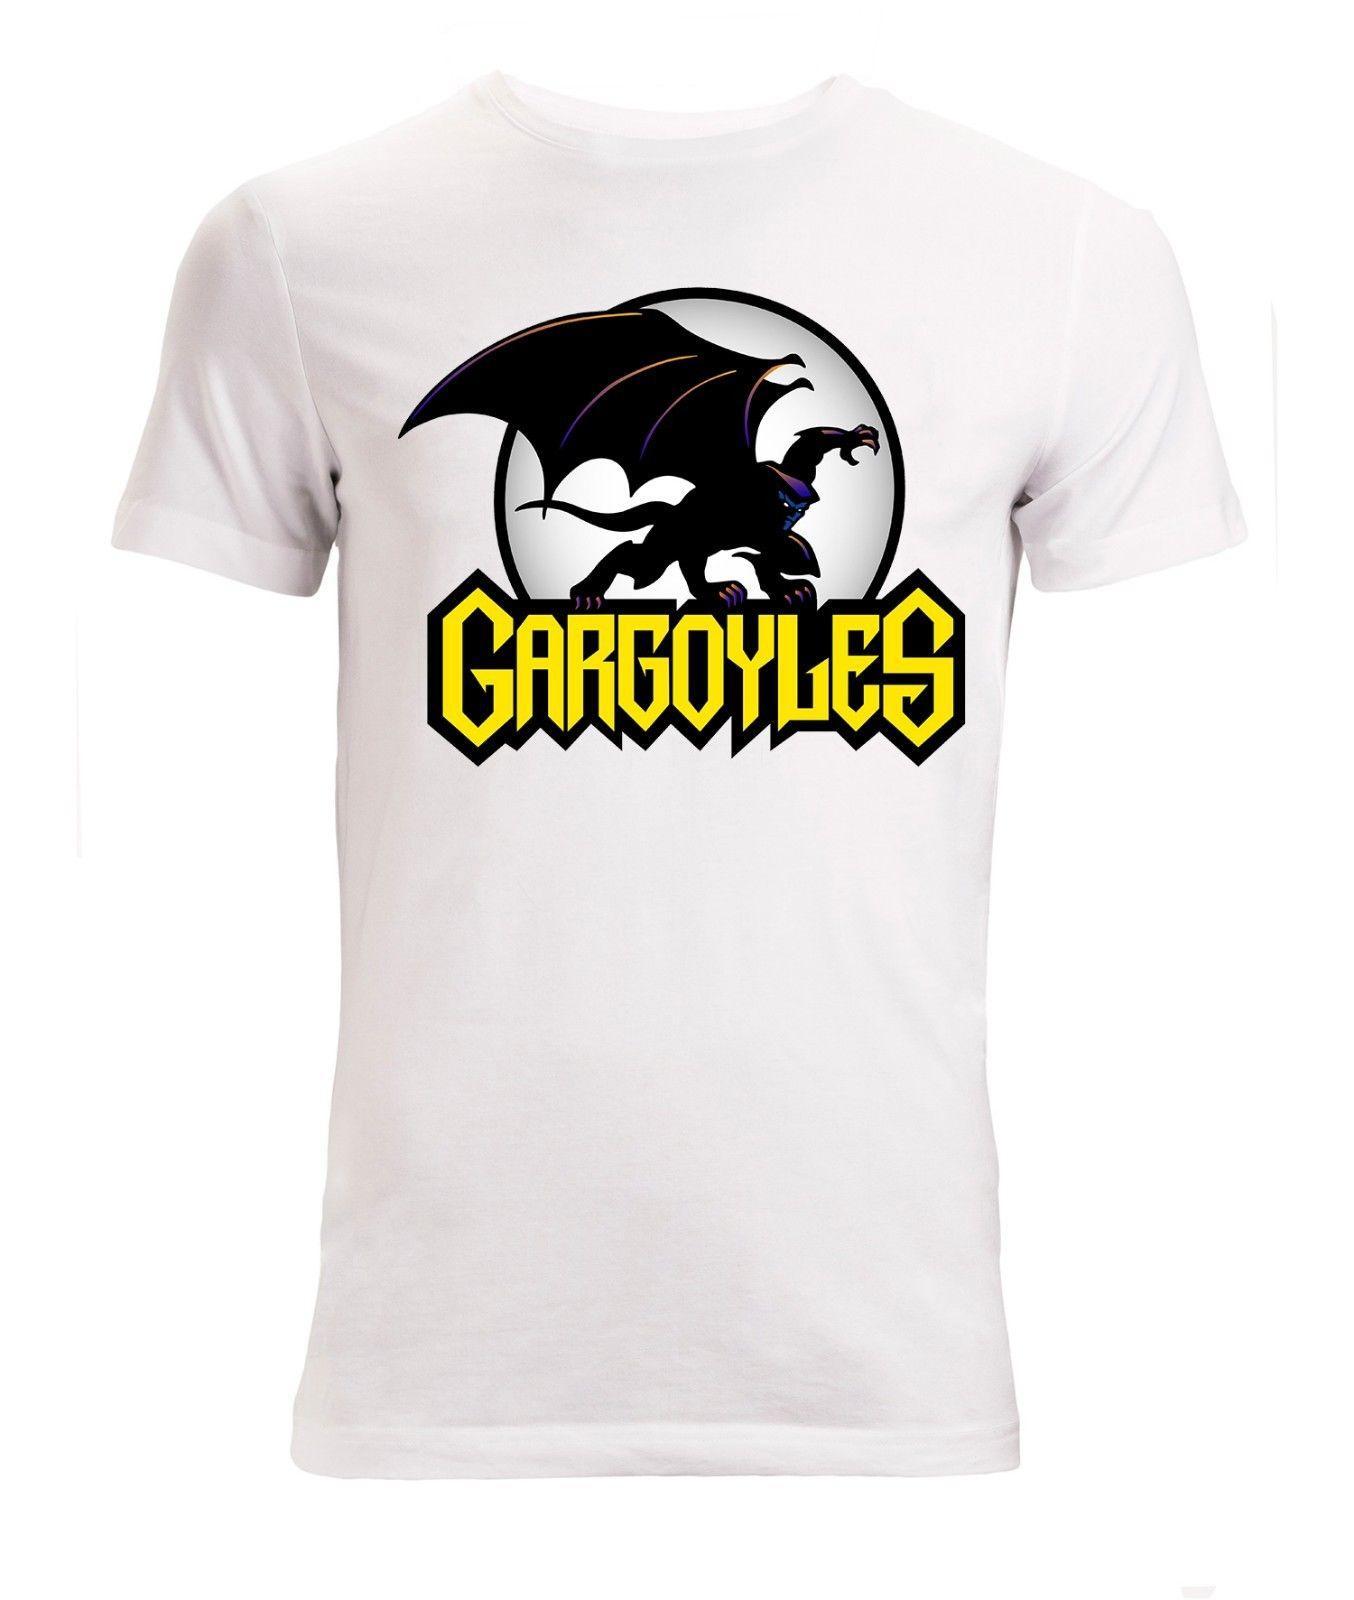 2019 nuevos del verano de los hombres de la venta caliente insignia de la manera Gárgolas dibujos animados clásicos ilustraciones de los hombres (de la mujer Disponible) camiseta camiseta blanca